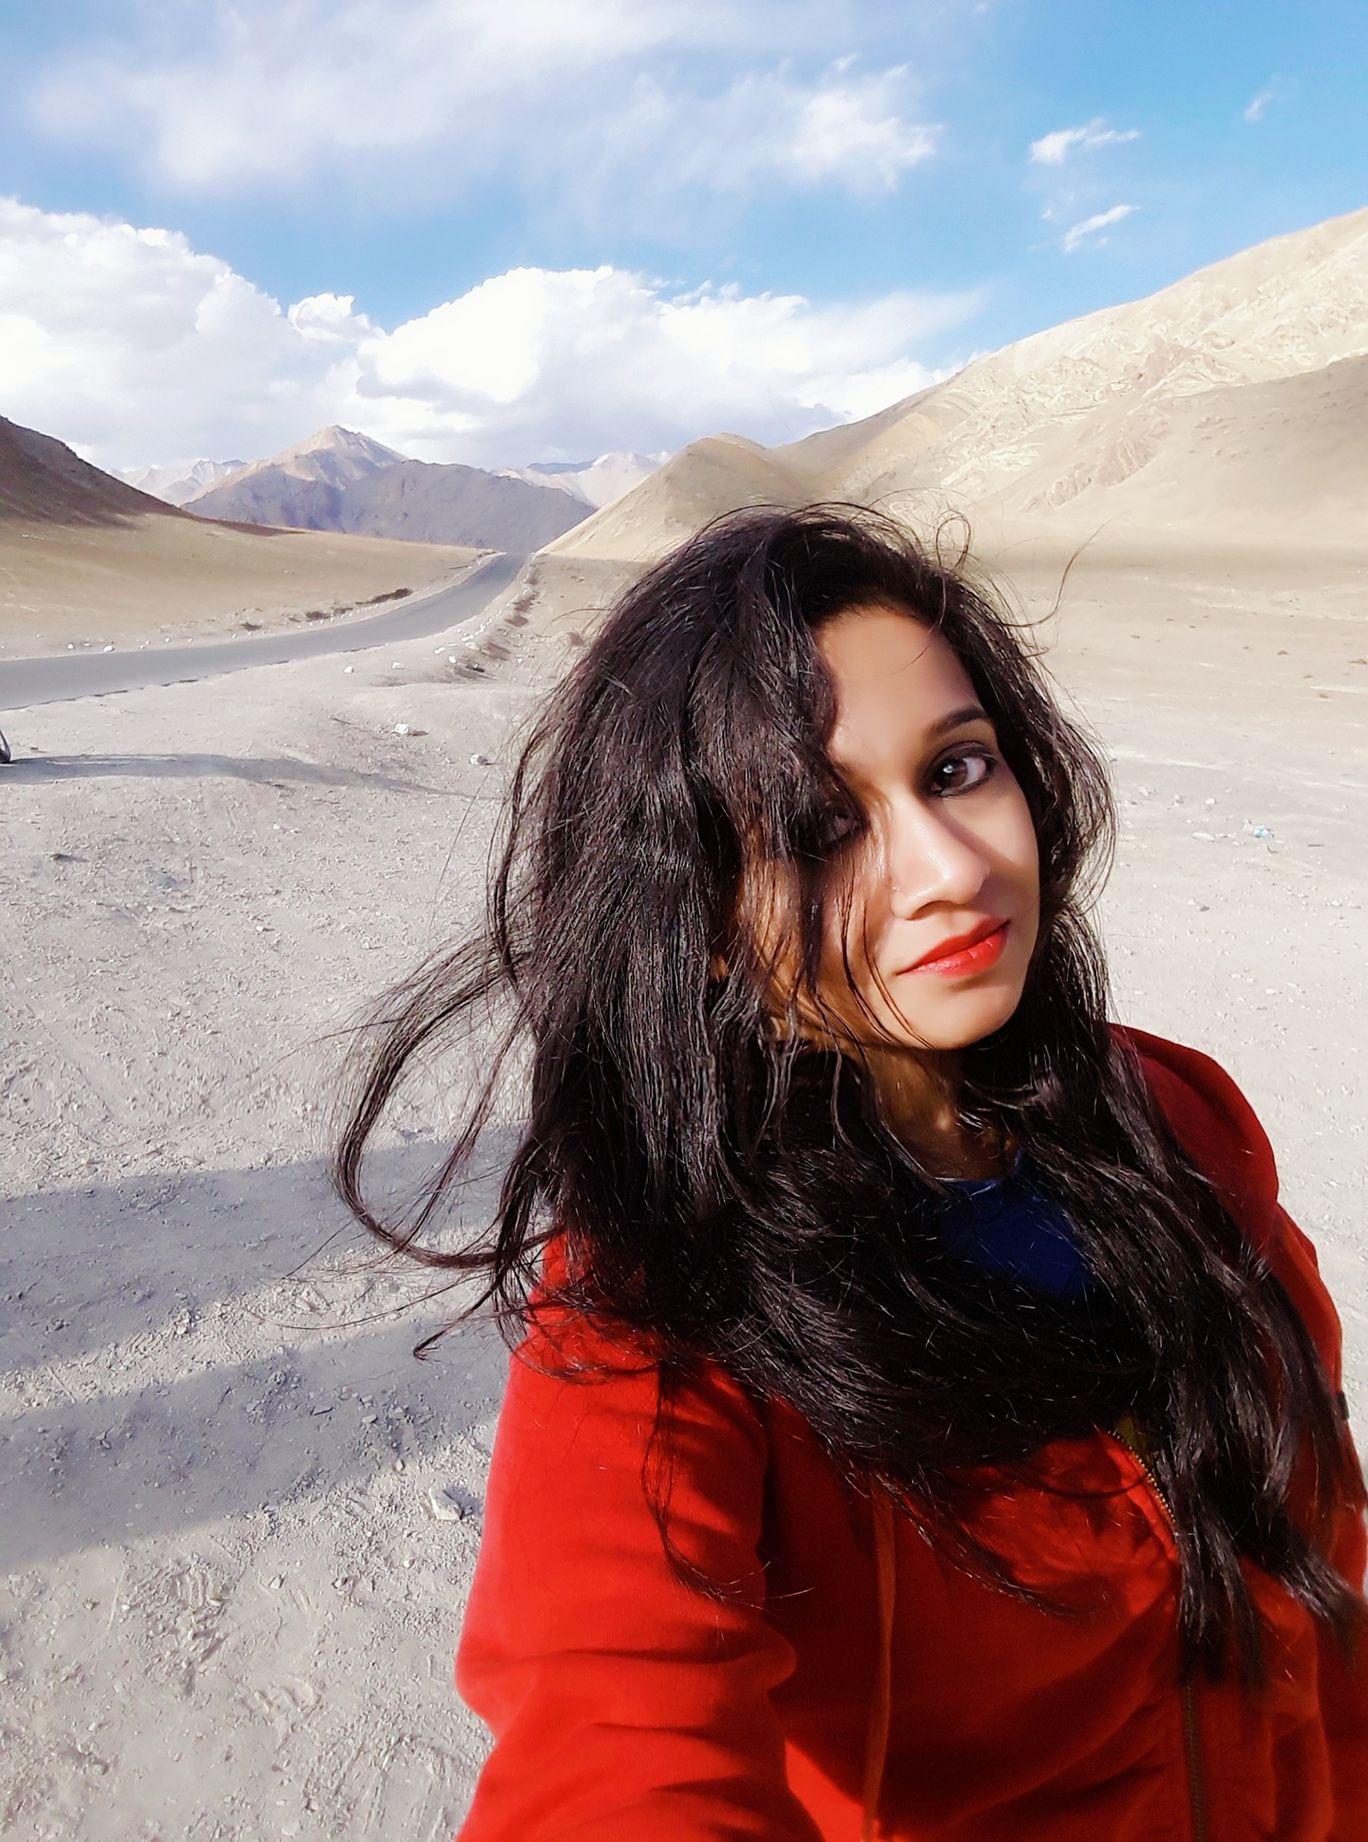 Photo of Ladakh By DEBASMITA SEN